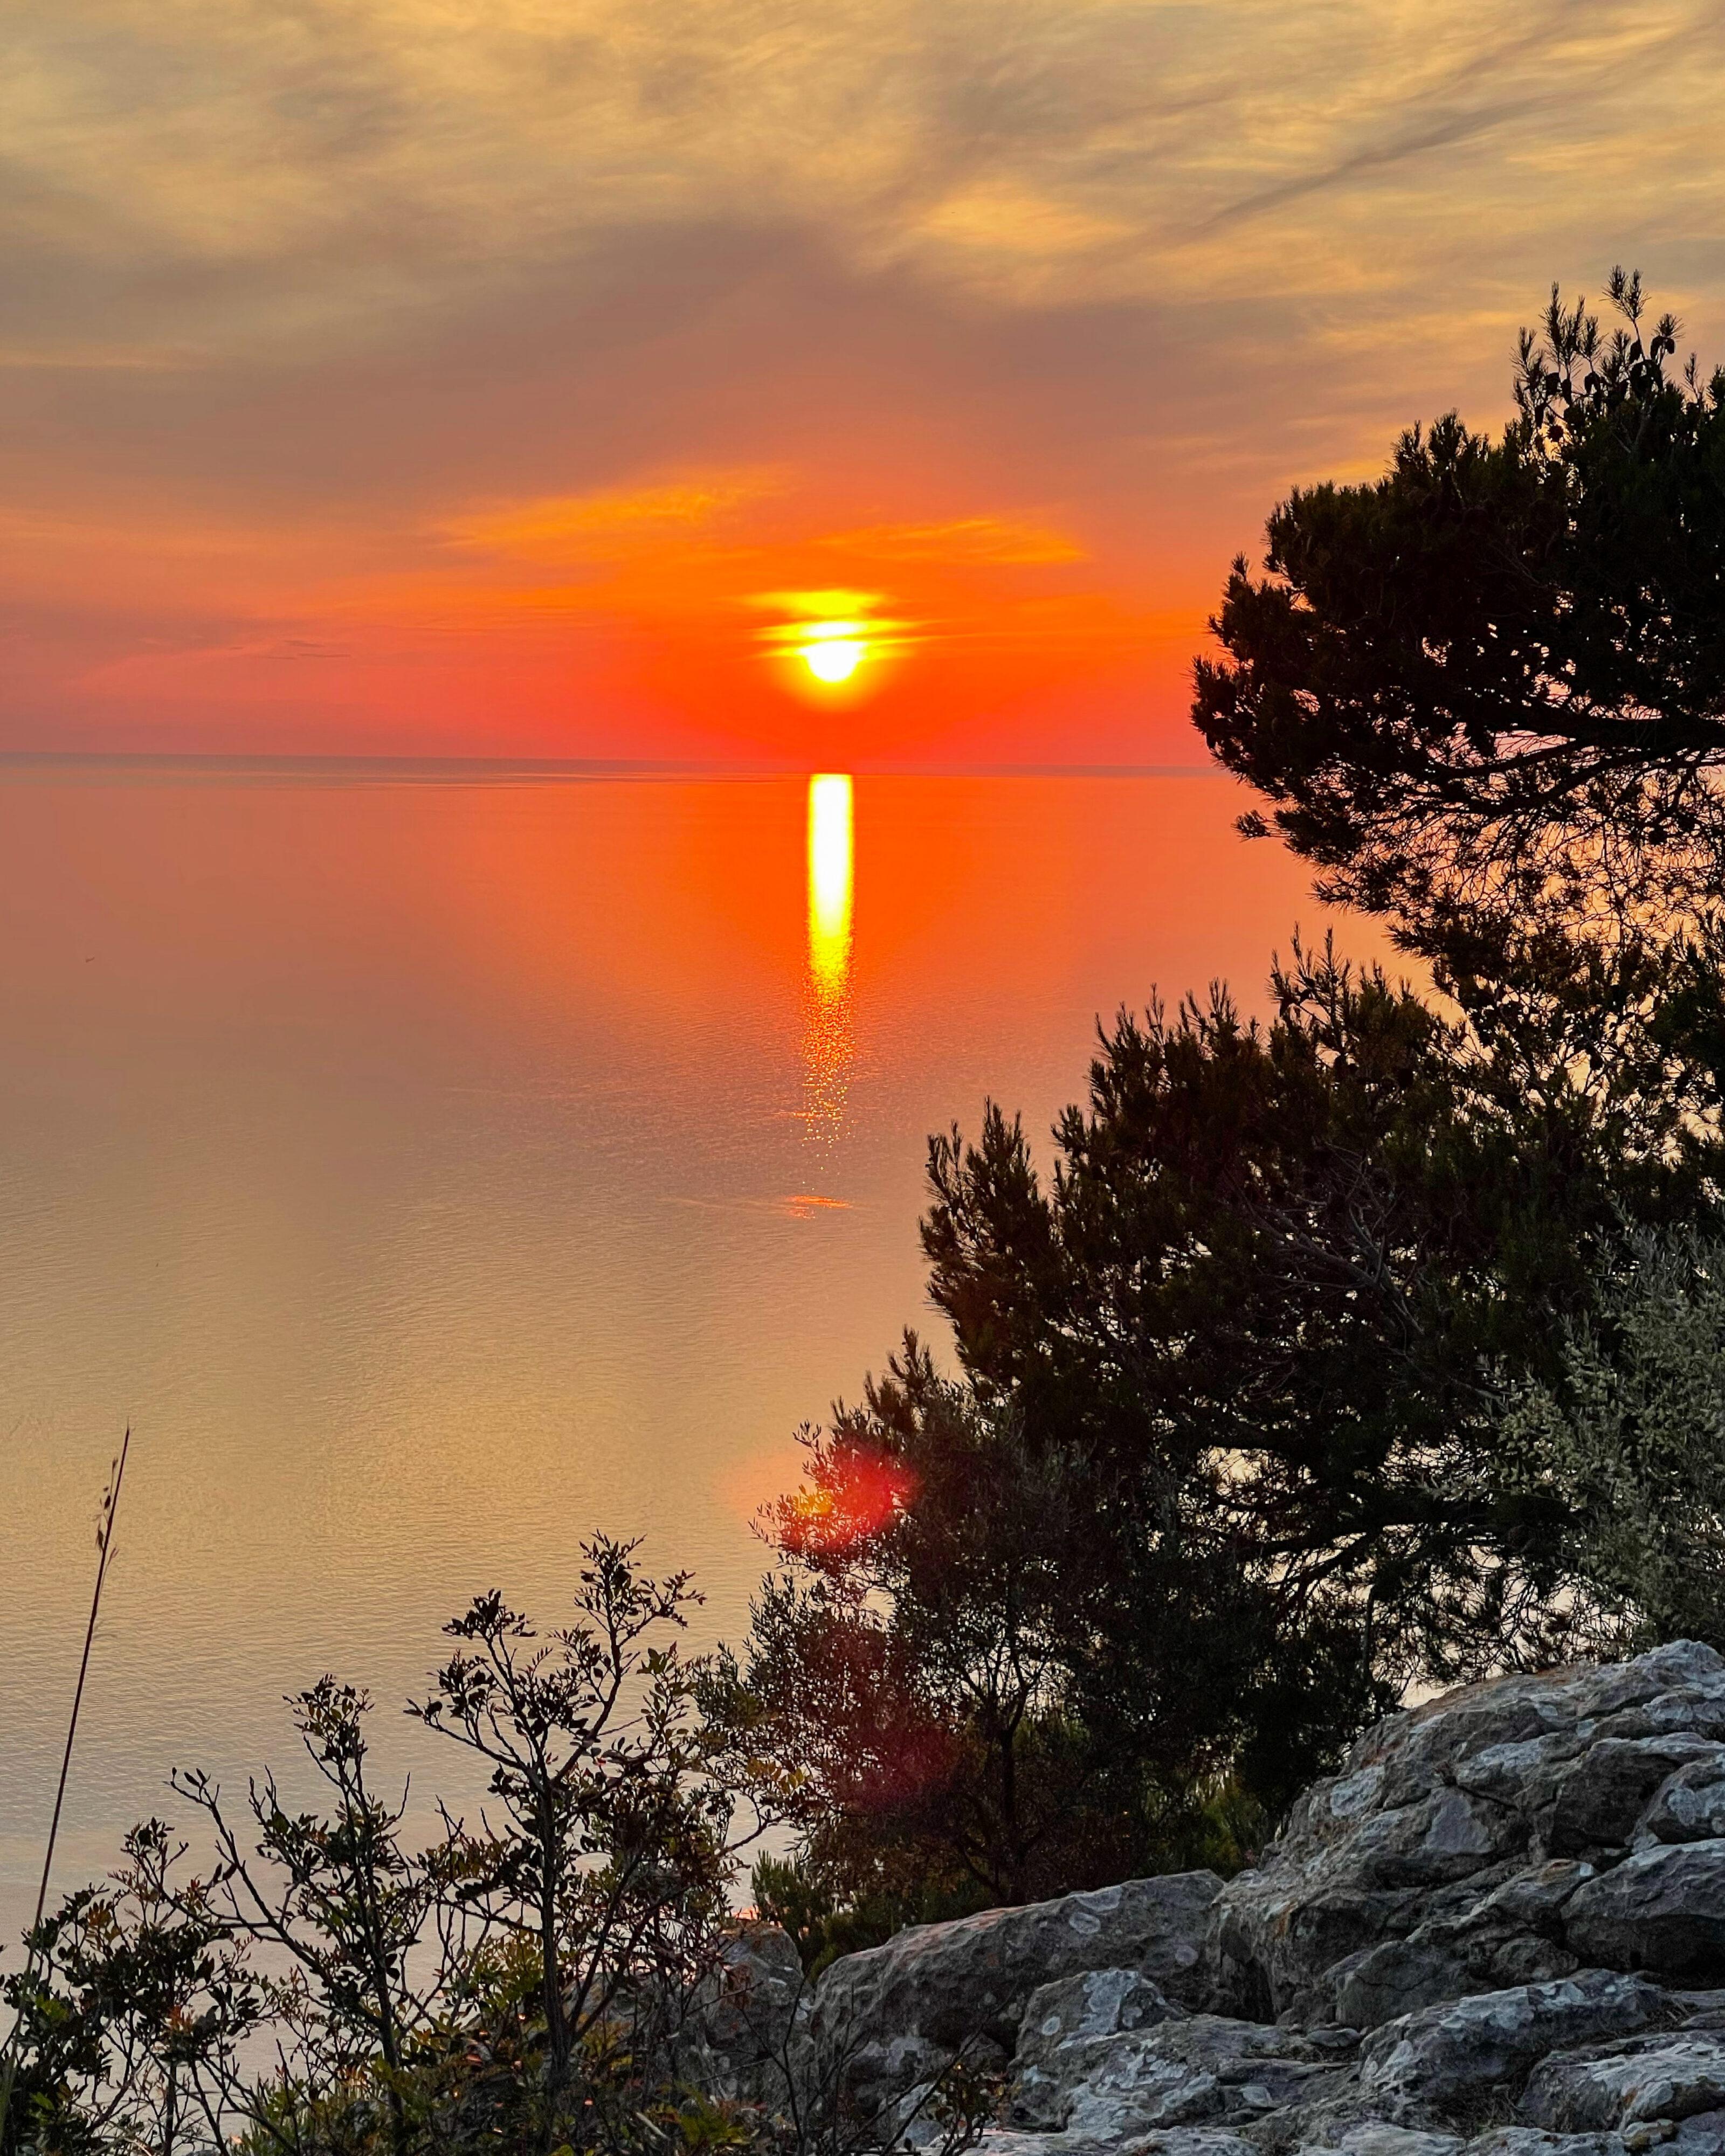 Die unglaubliche Farbintensität läßt sich in der Abendstunde ruhig betrachten. Darf man das nicht wirklich so benennen: Einzigartiger Sonnenuntergang bei Valldemossa.